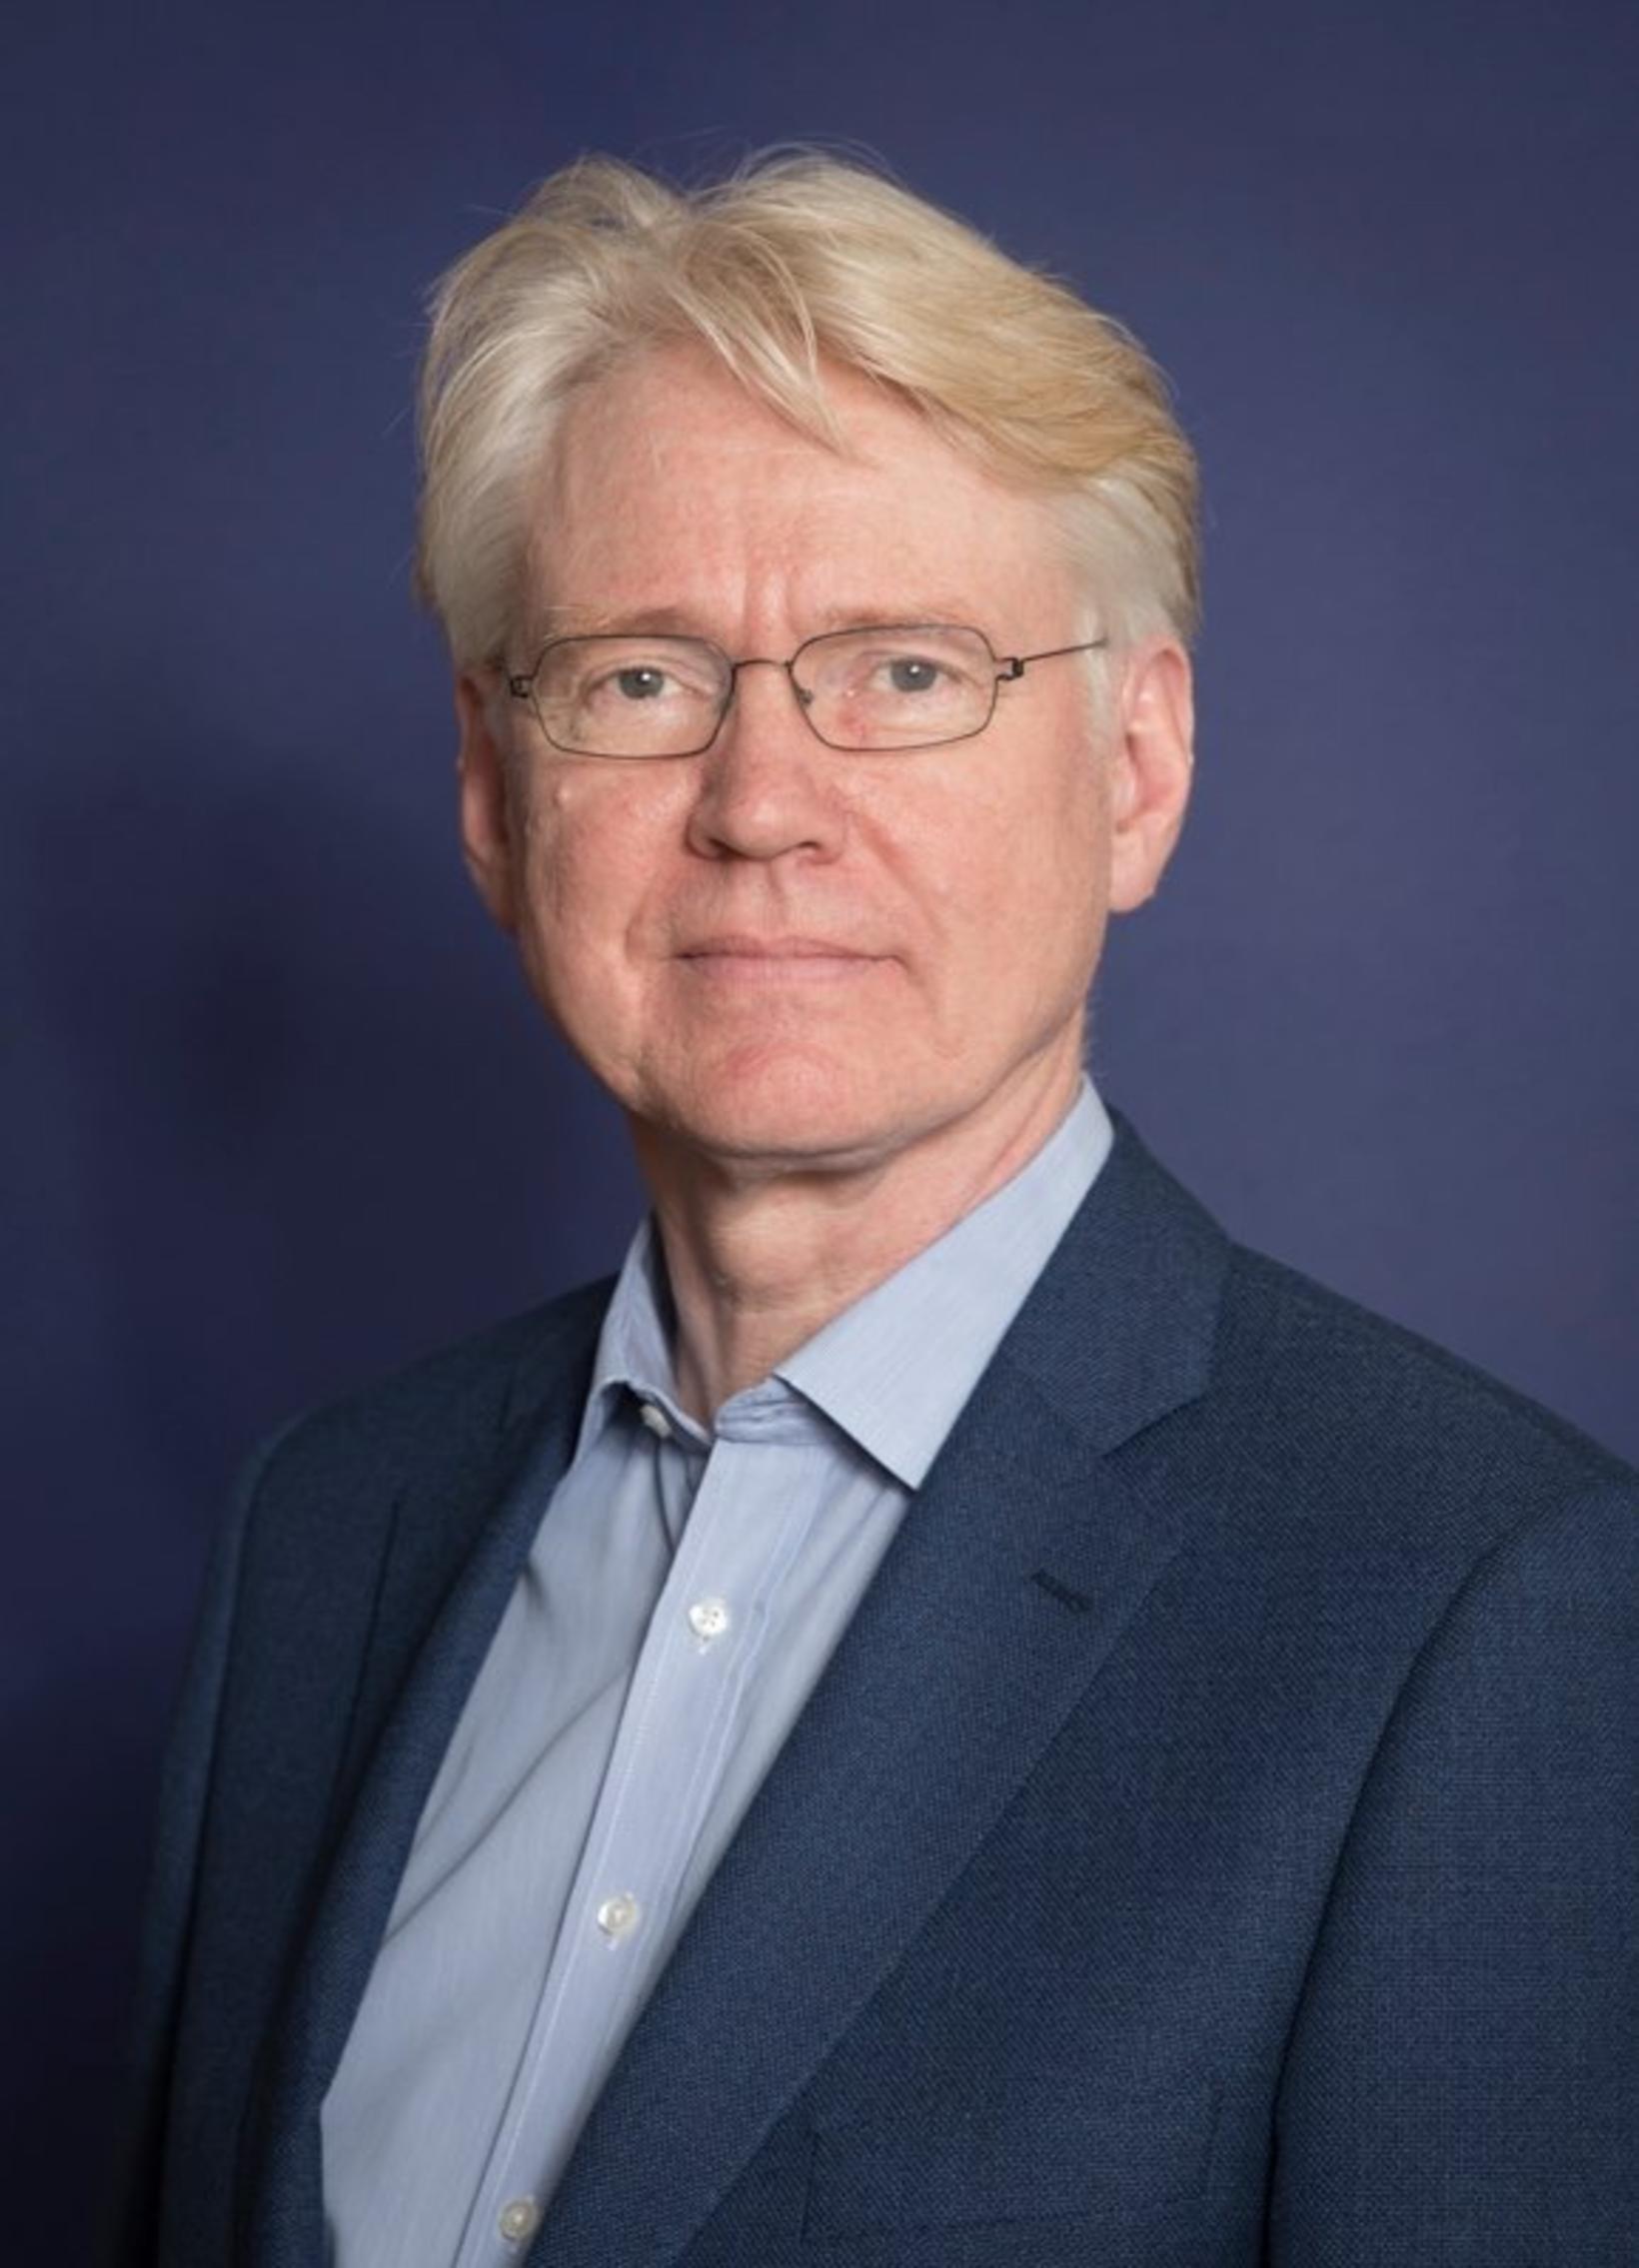 Ólafur Þór Ævarsson er nýr framkvæmdastjóri lækninga á Reykjalundi.